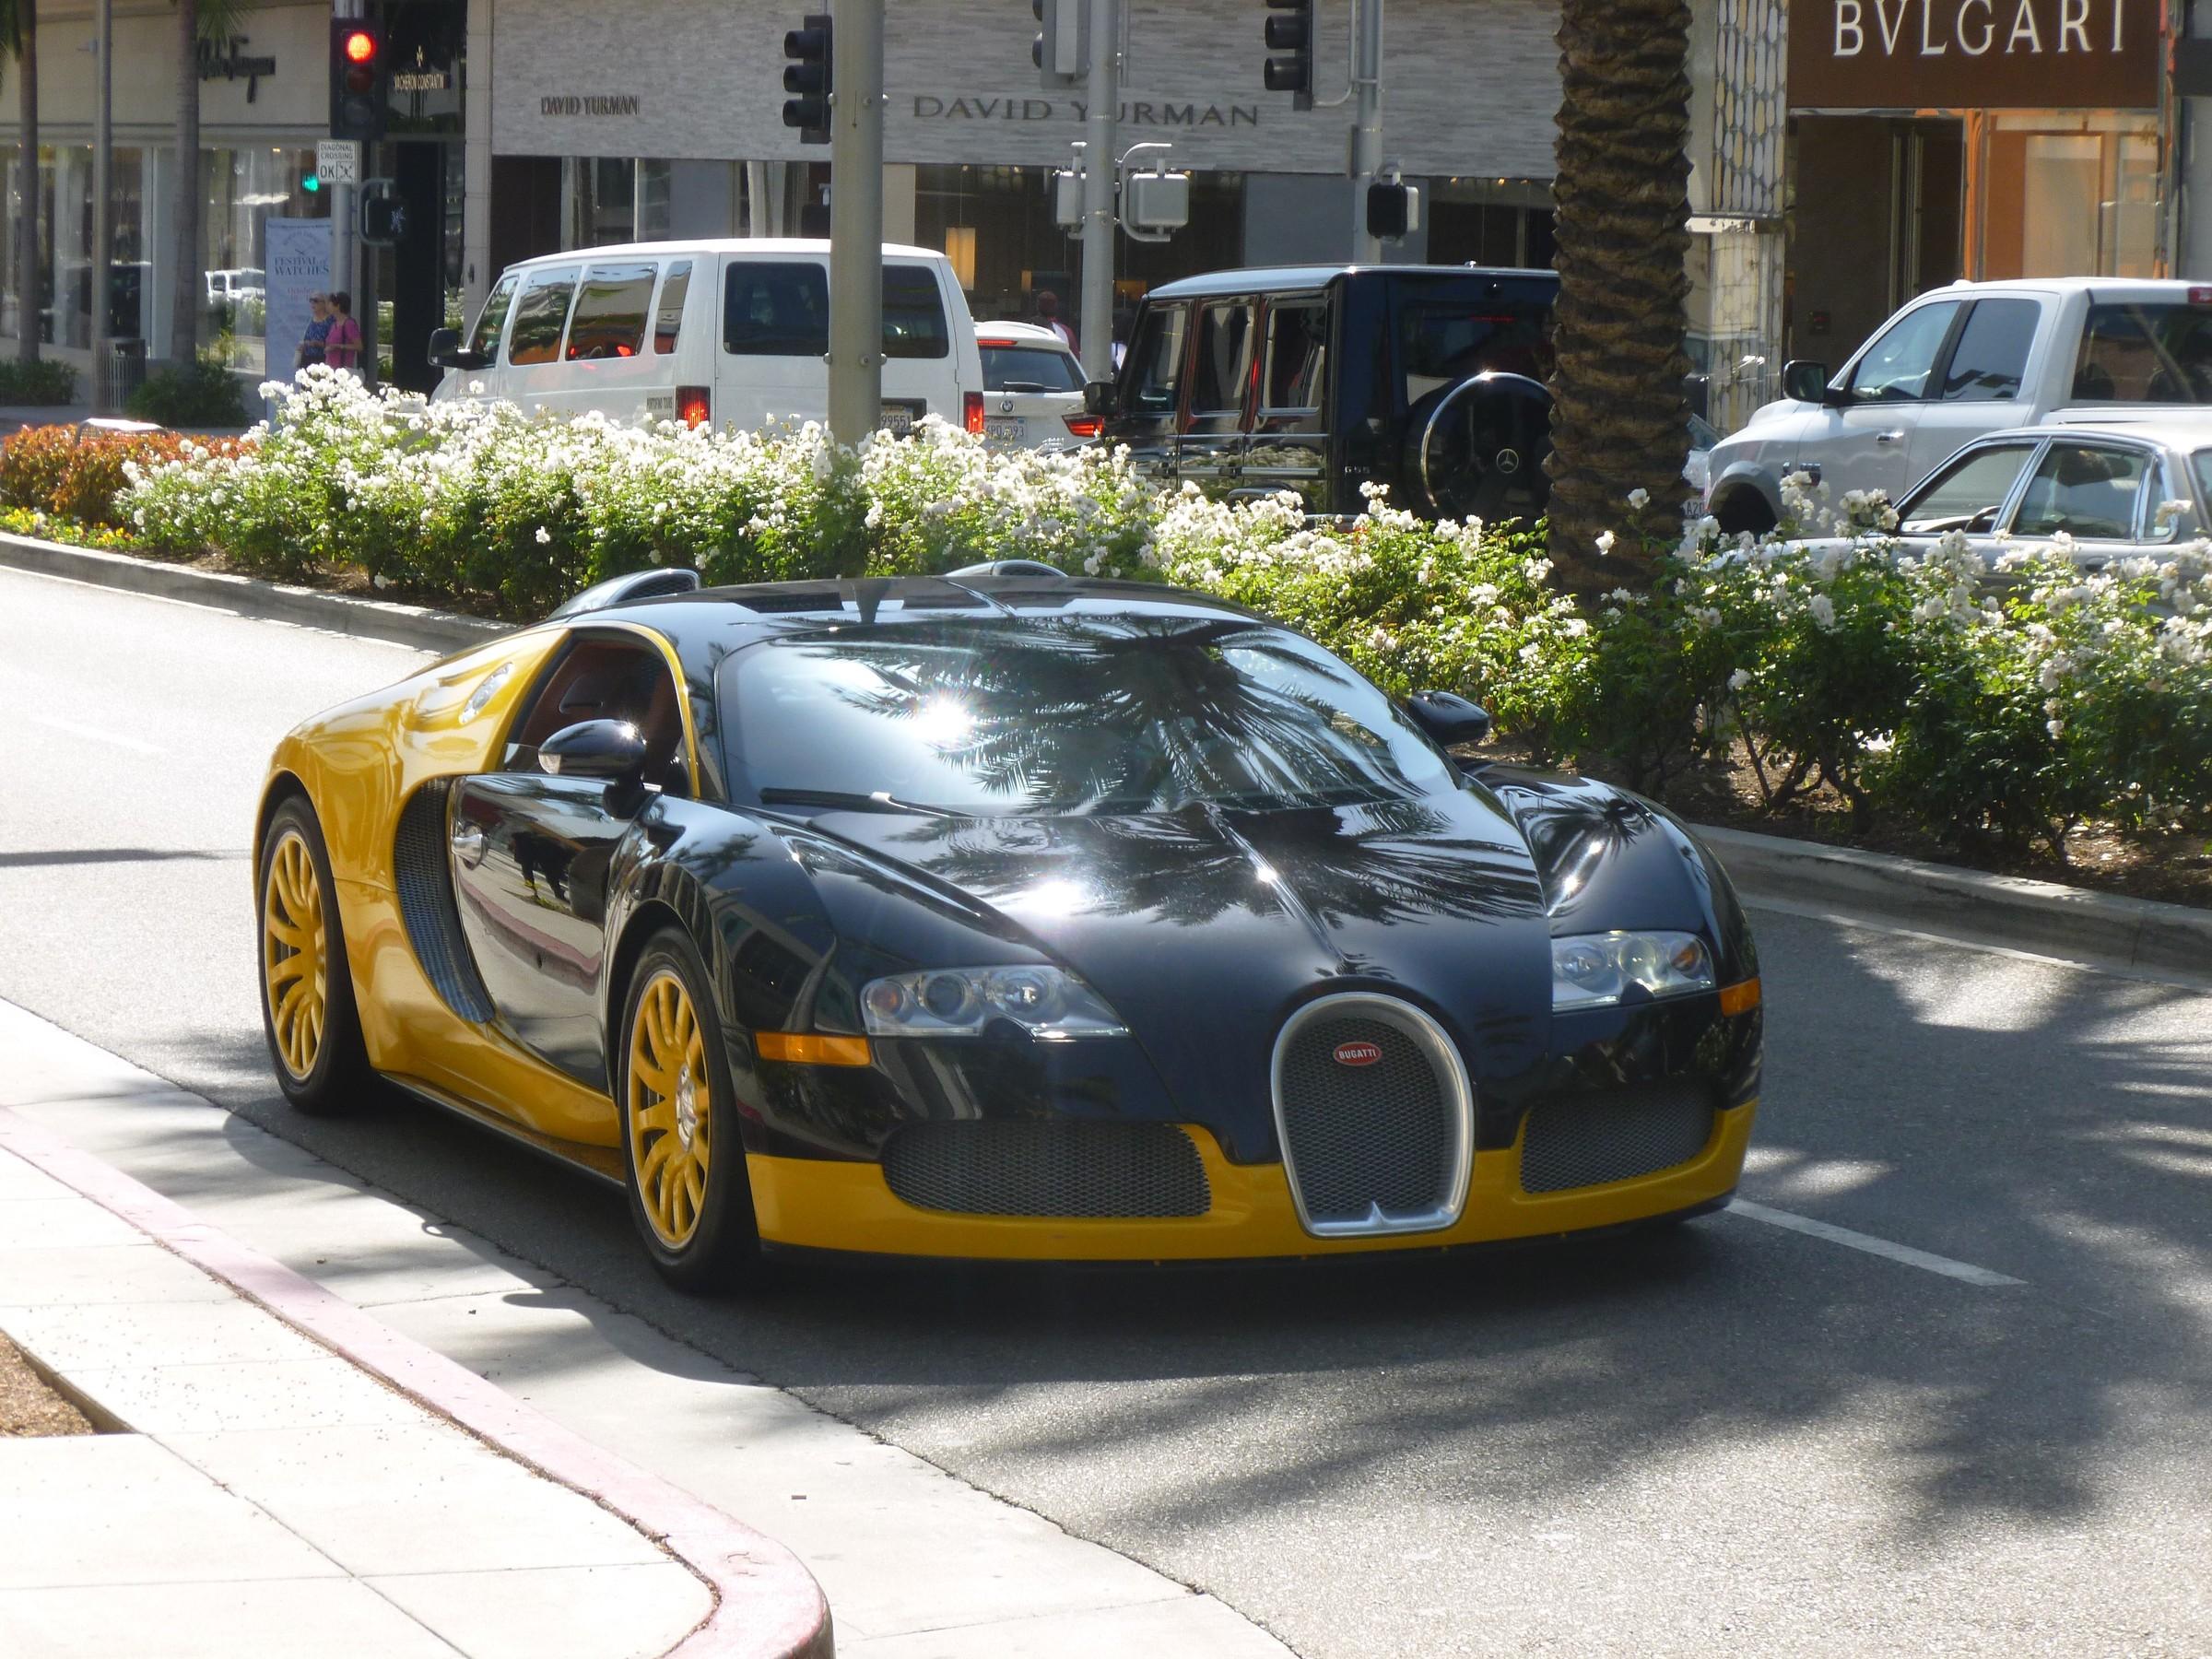 8779e735a1 Exciting Bugatti Veyron Grand Sport Vitesse Fiche Technique Cars Trend